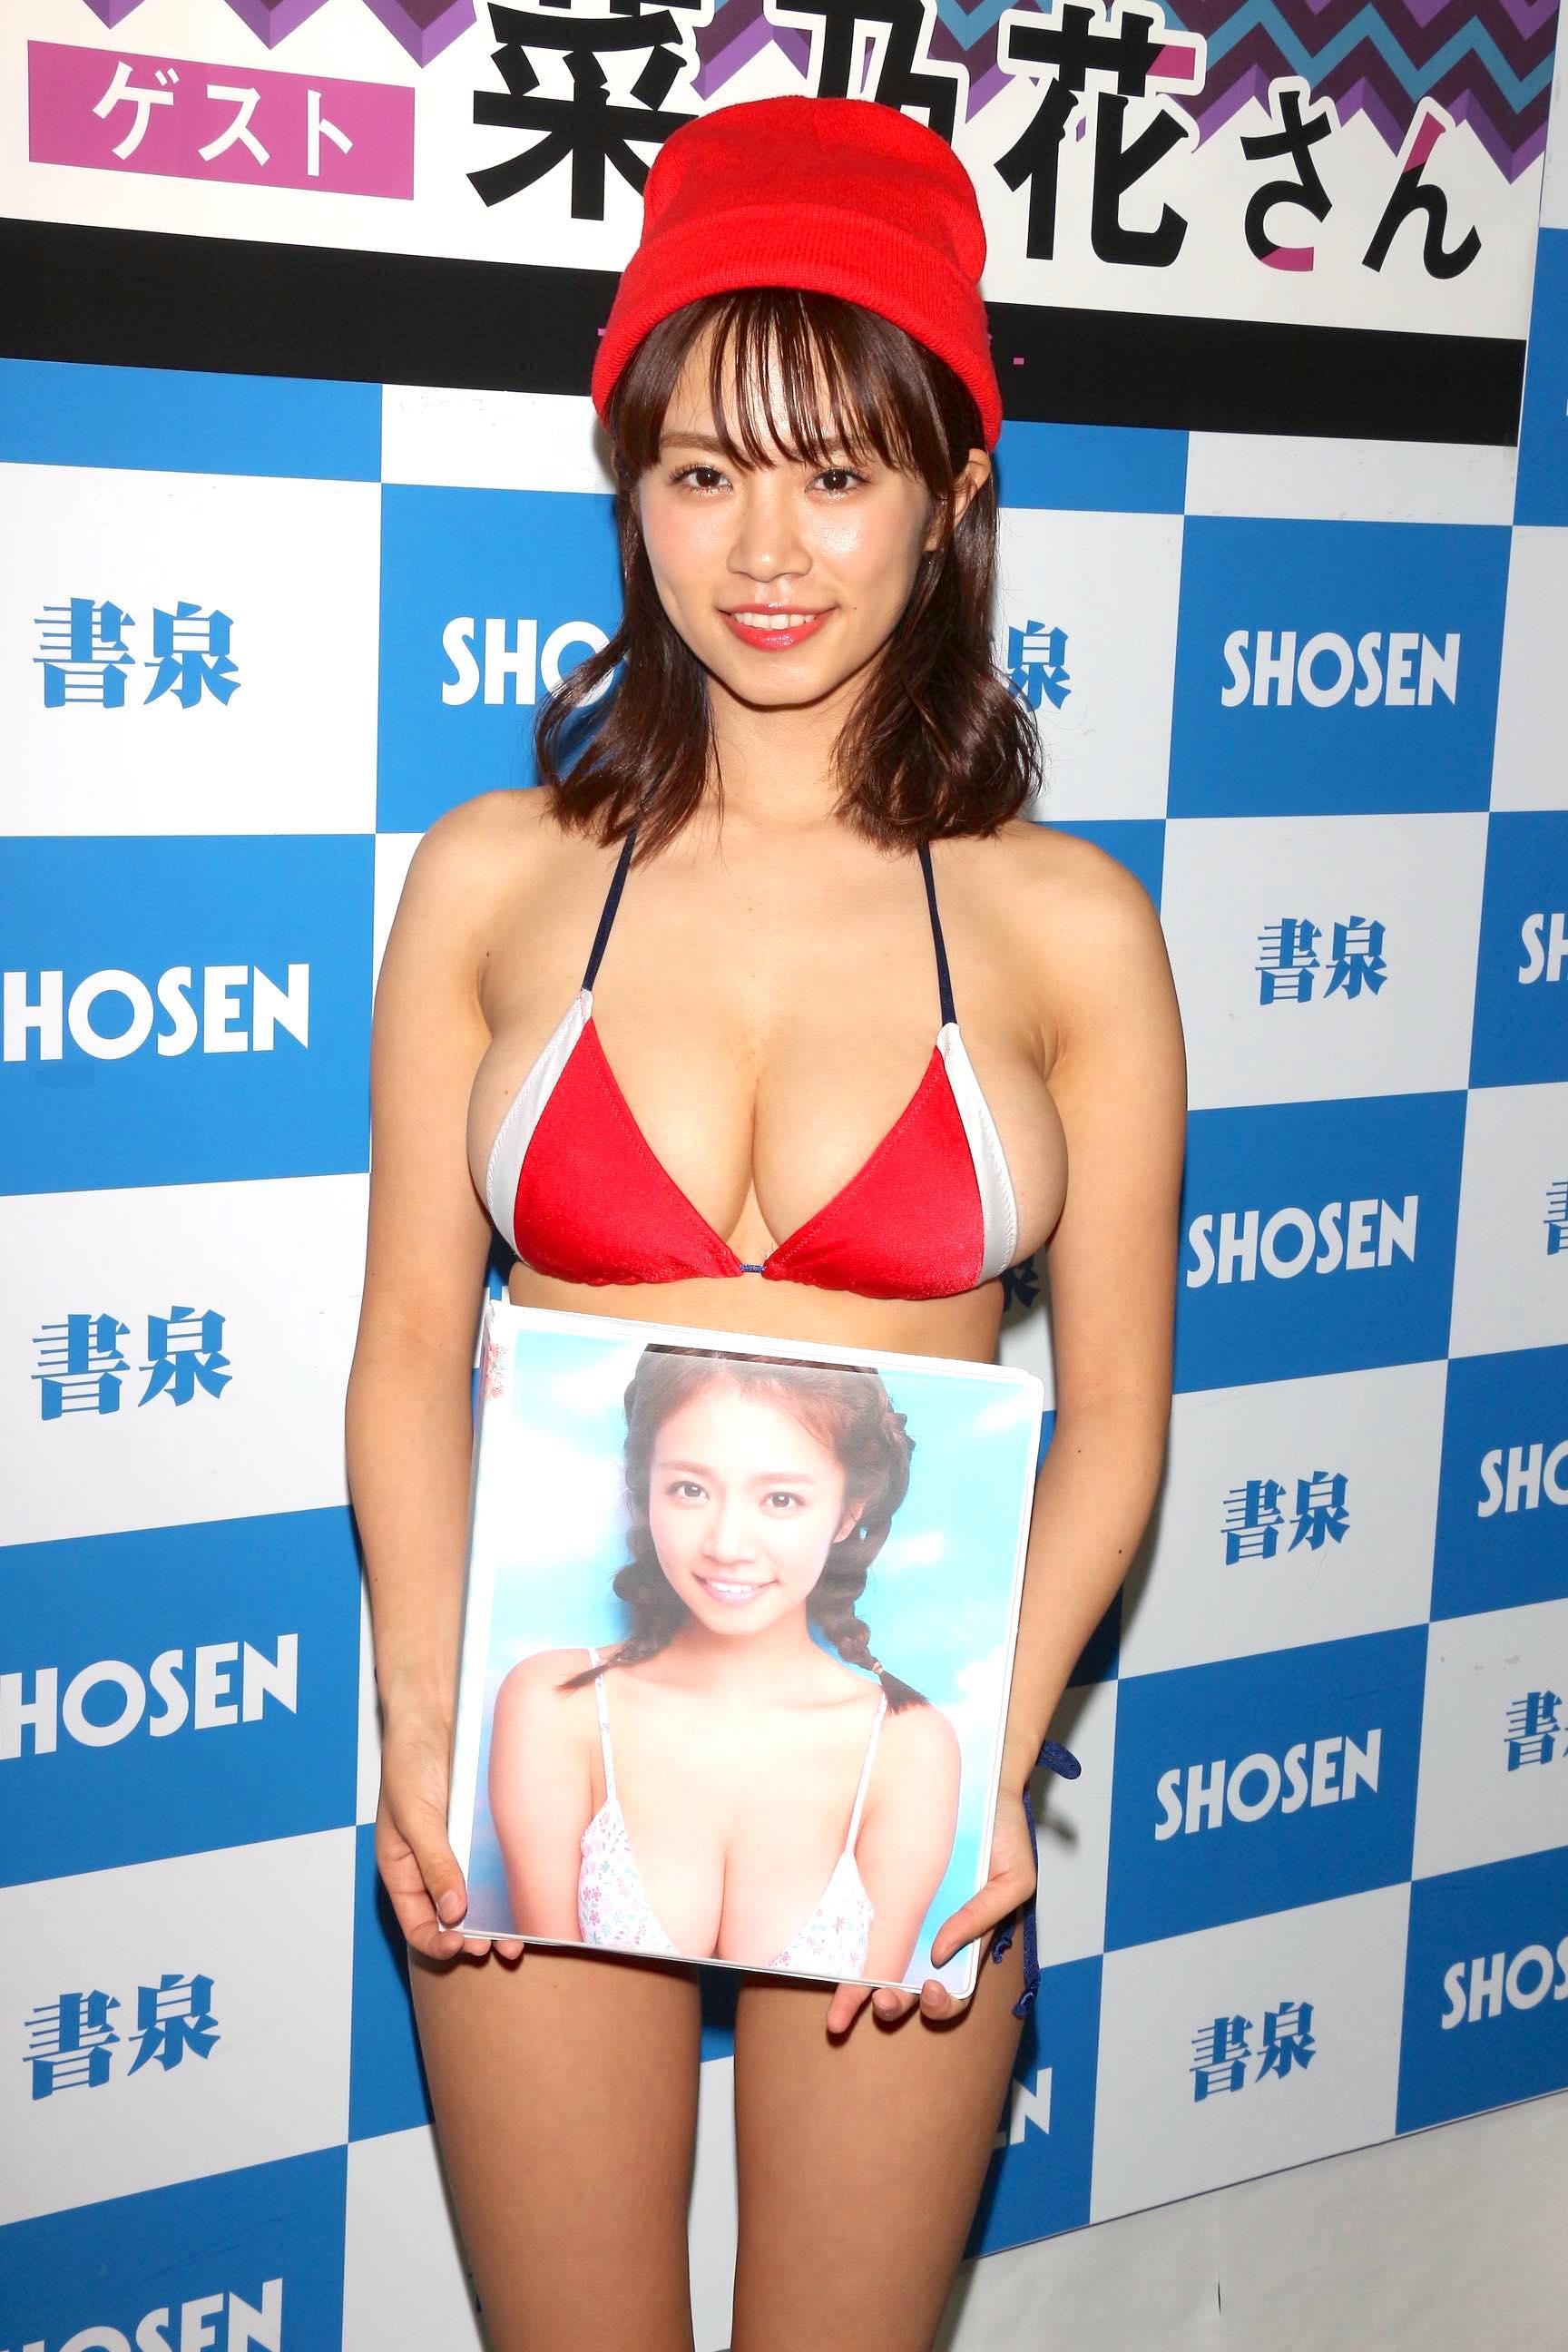 菜乃花「キス600回」を経験し、慣れてきた!?【写真18枚】の画像016